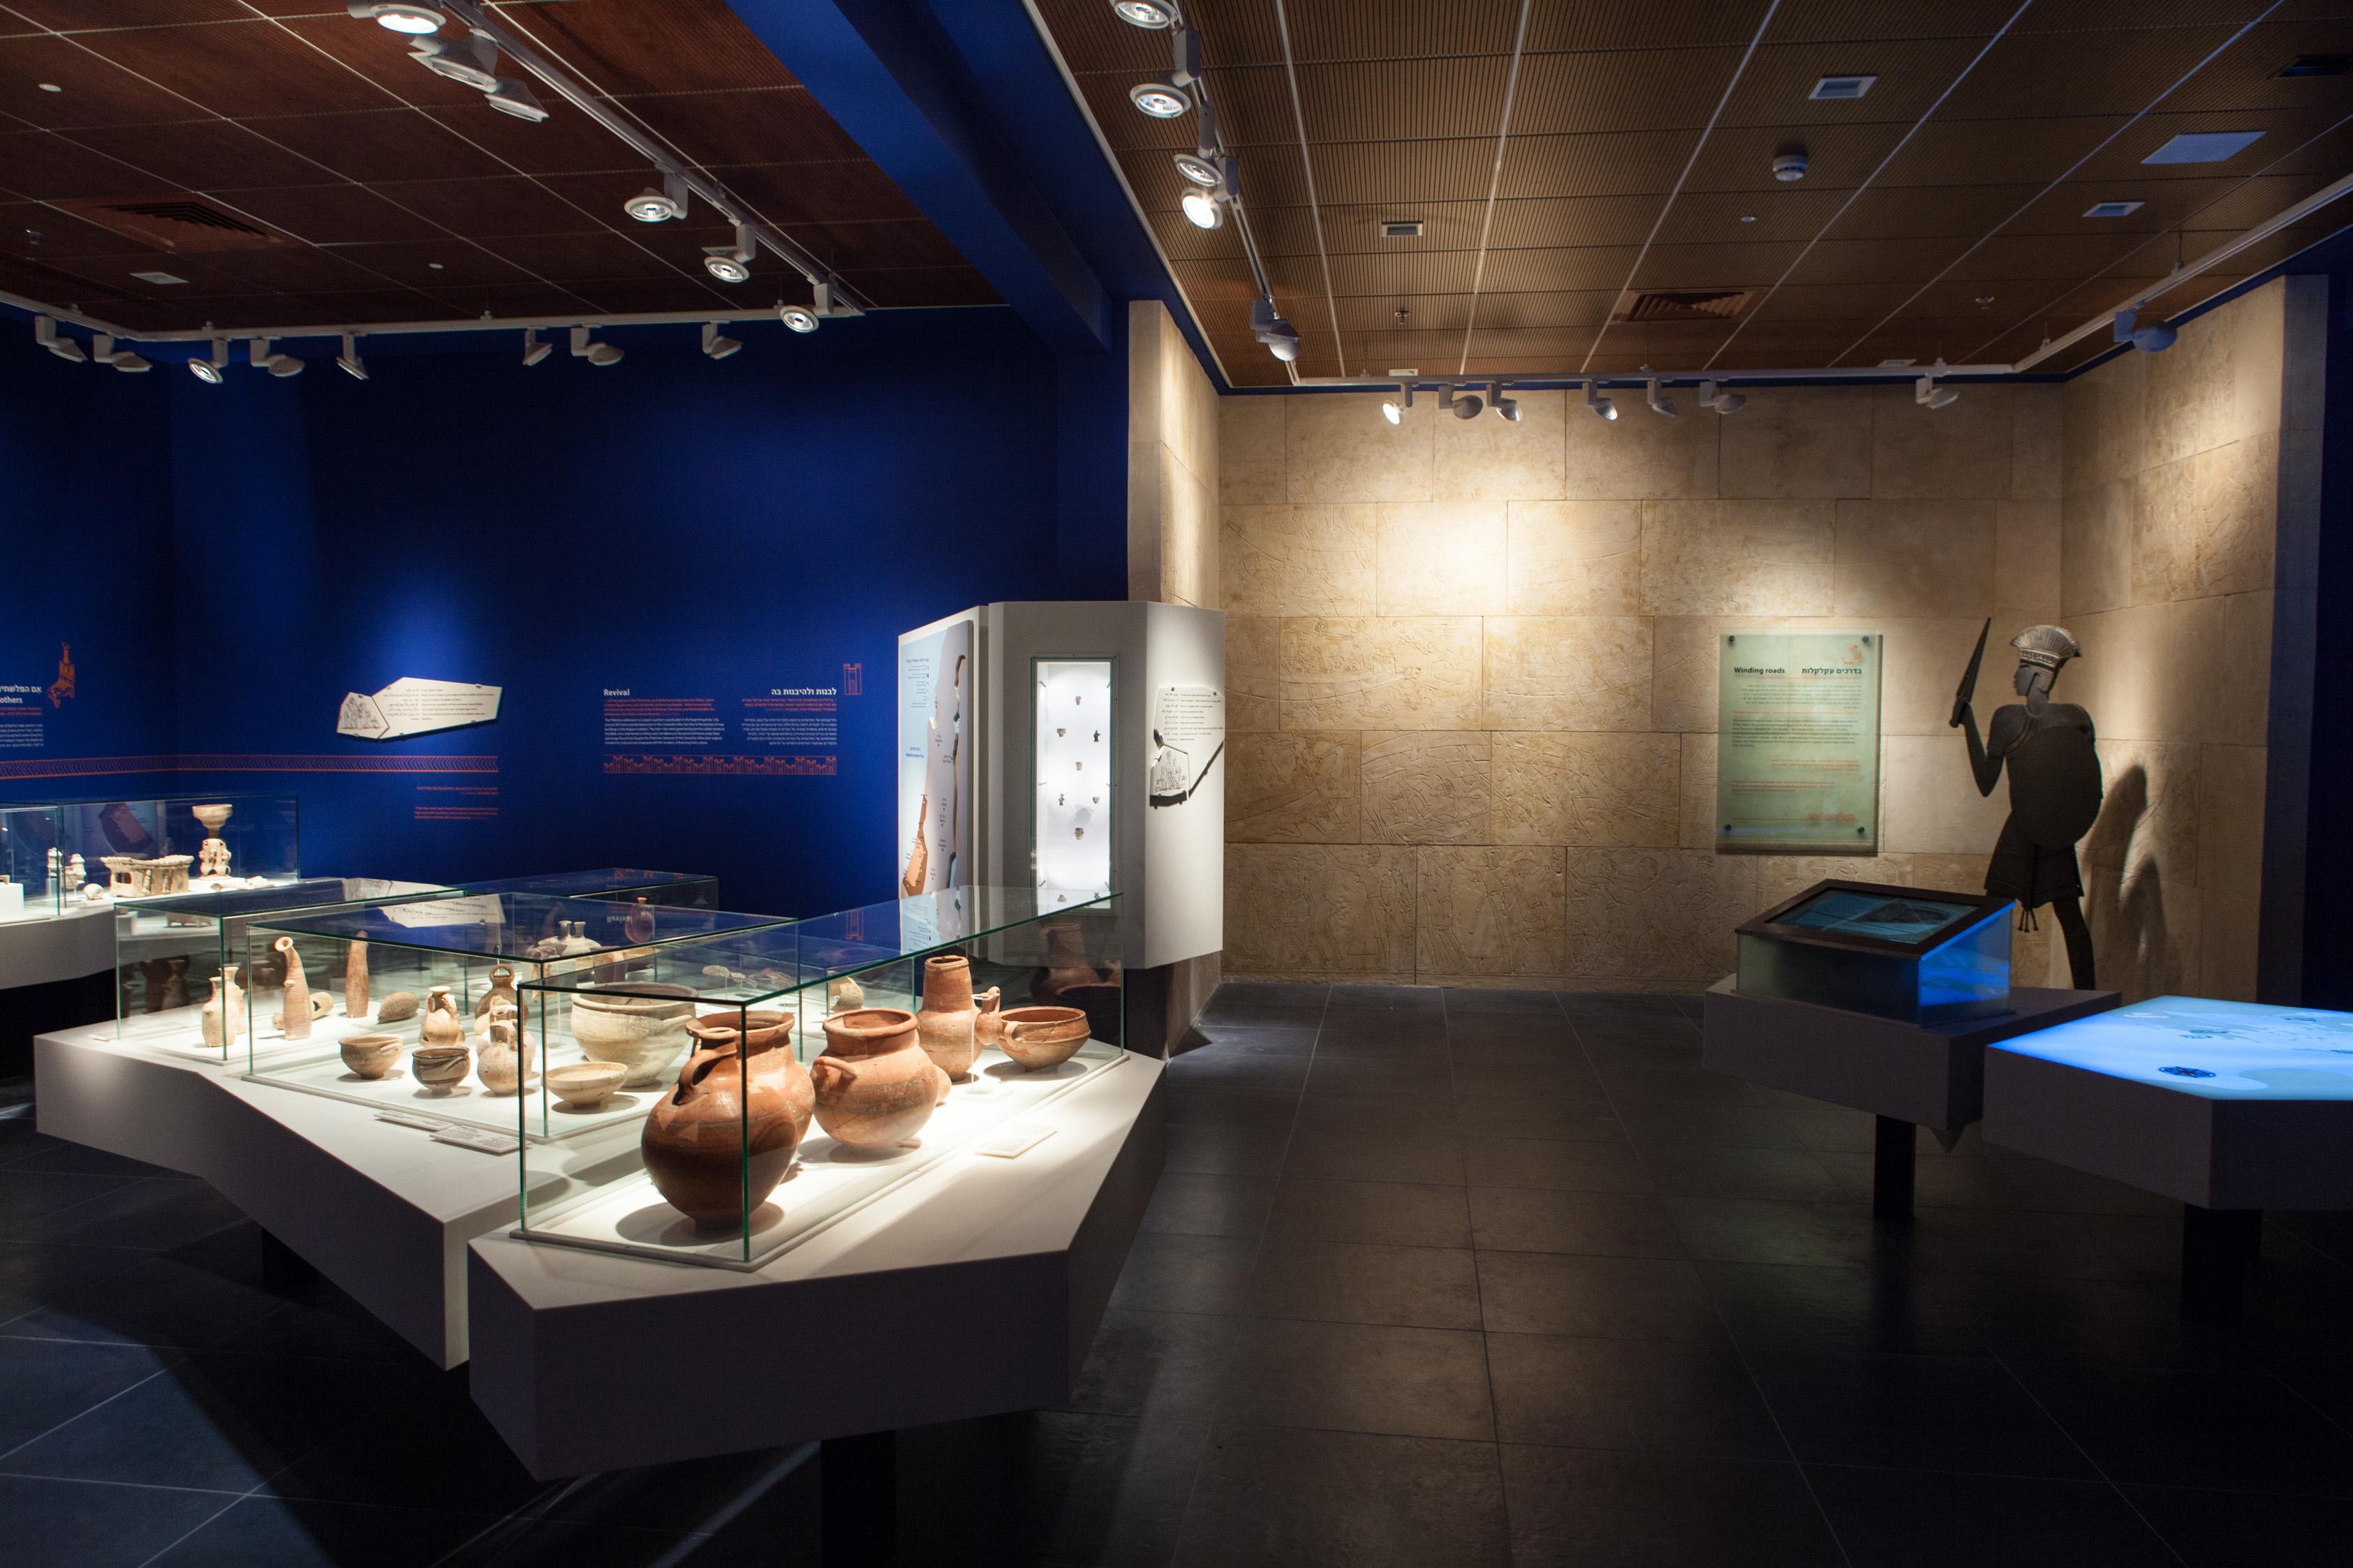 תצוגת הקבע עולמם של הפלשתים צילום אבישי פינקלשטיין